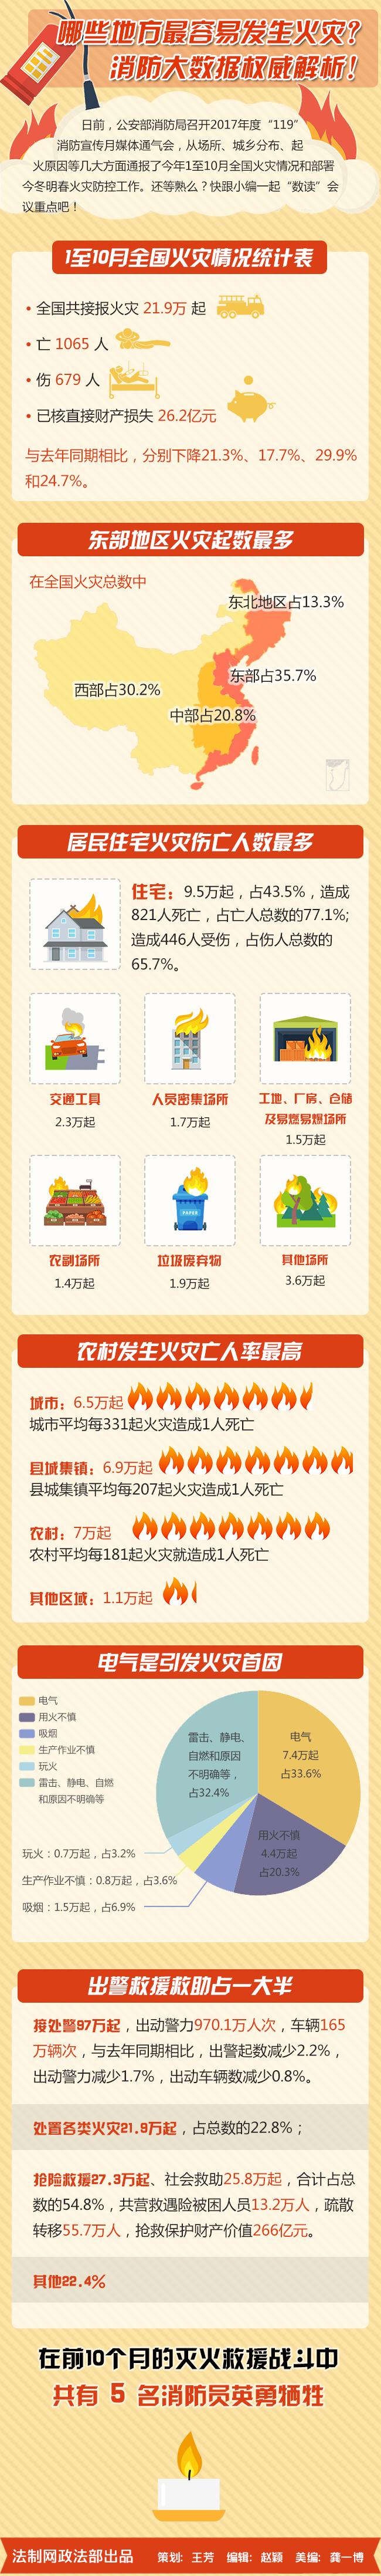 哪些地方最容易发生火灾?消防大数据告诉你